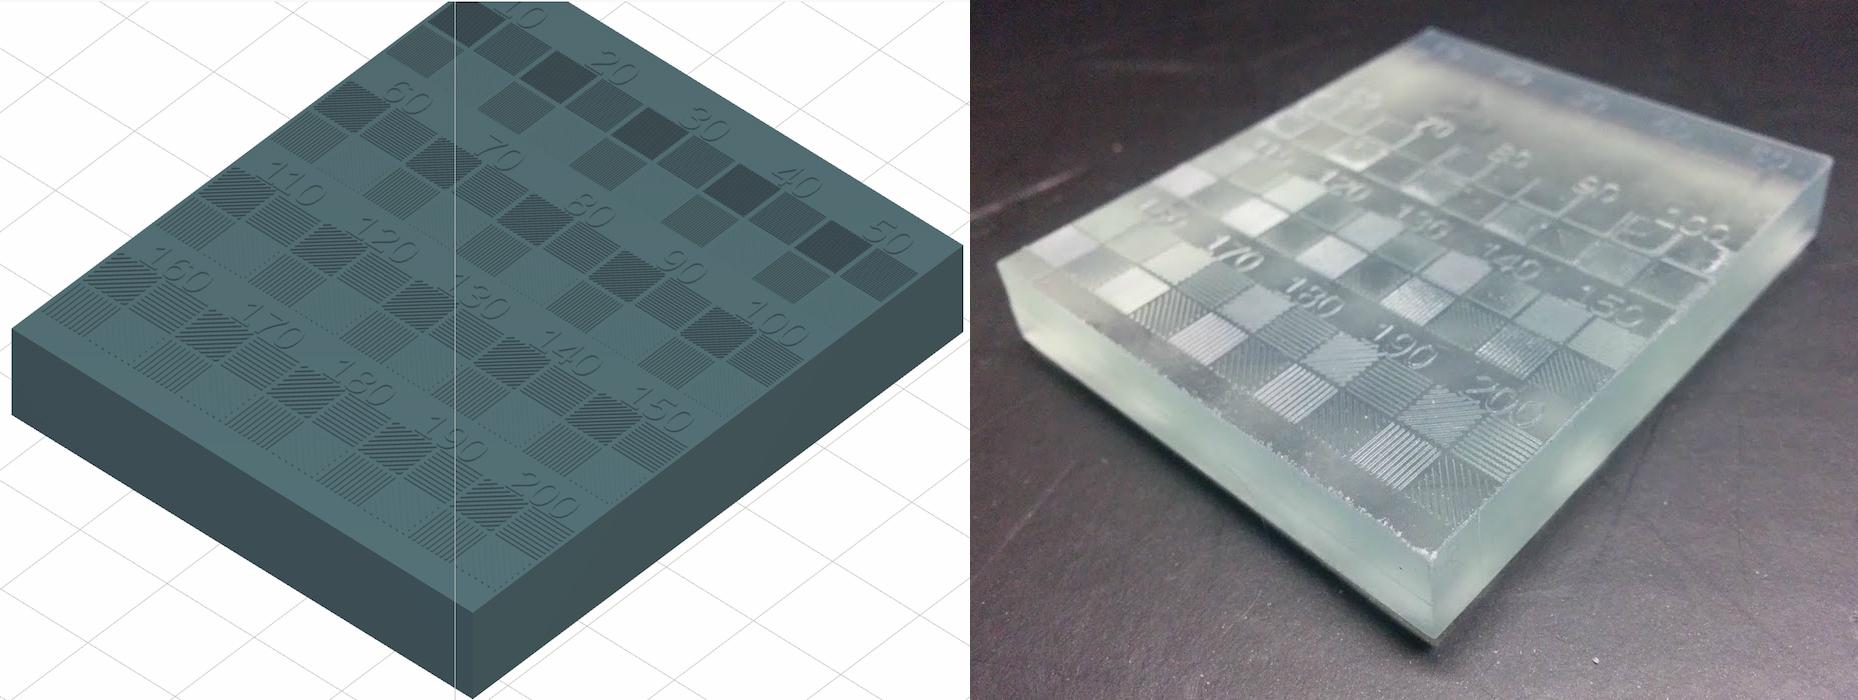 Um die minimale Strukturgröße des Form 2 auf der XY-Ebene zu testen, entwarfen wir ein Modell (links) mit Linien von 10 bis 200 µm Breite und druckten es im Transparenten Kunstharz (rechts).